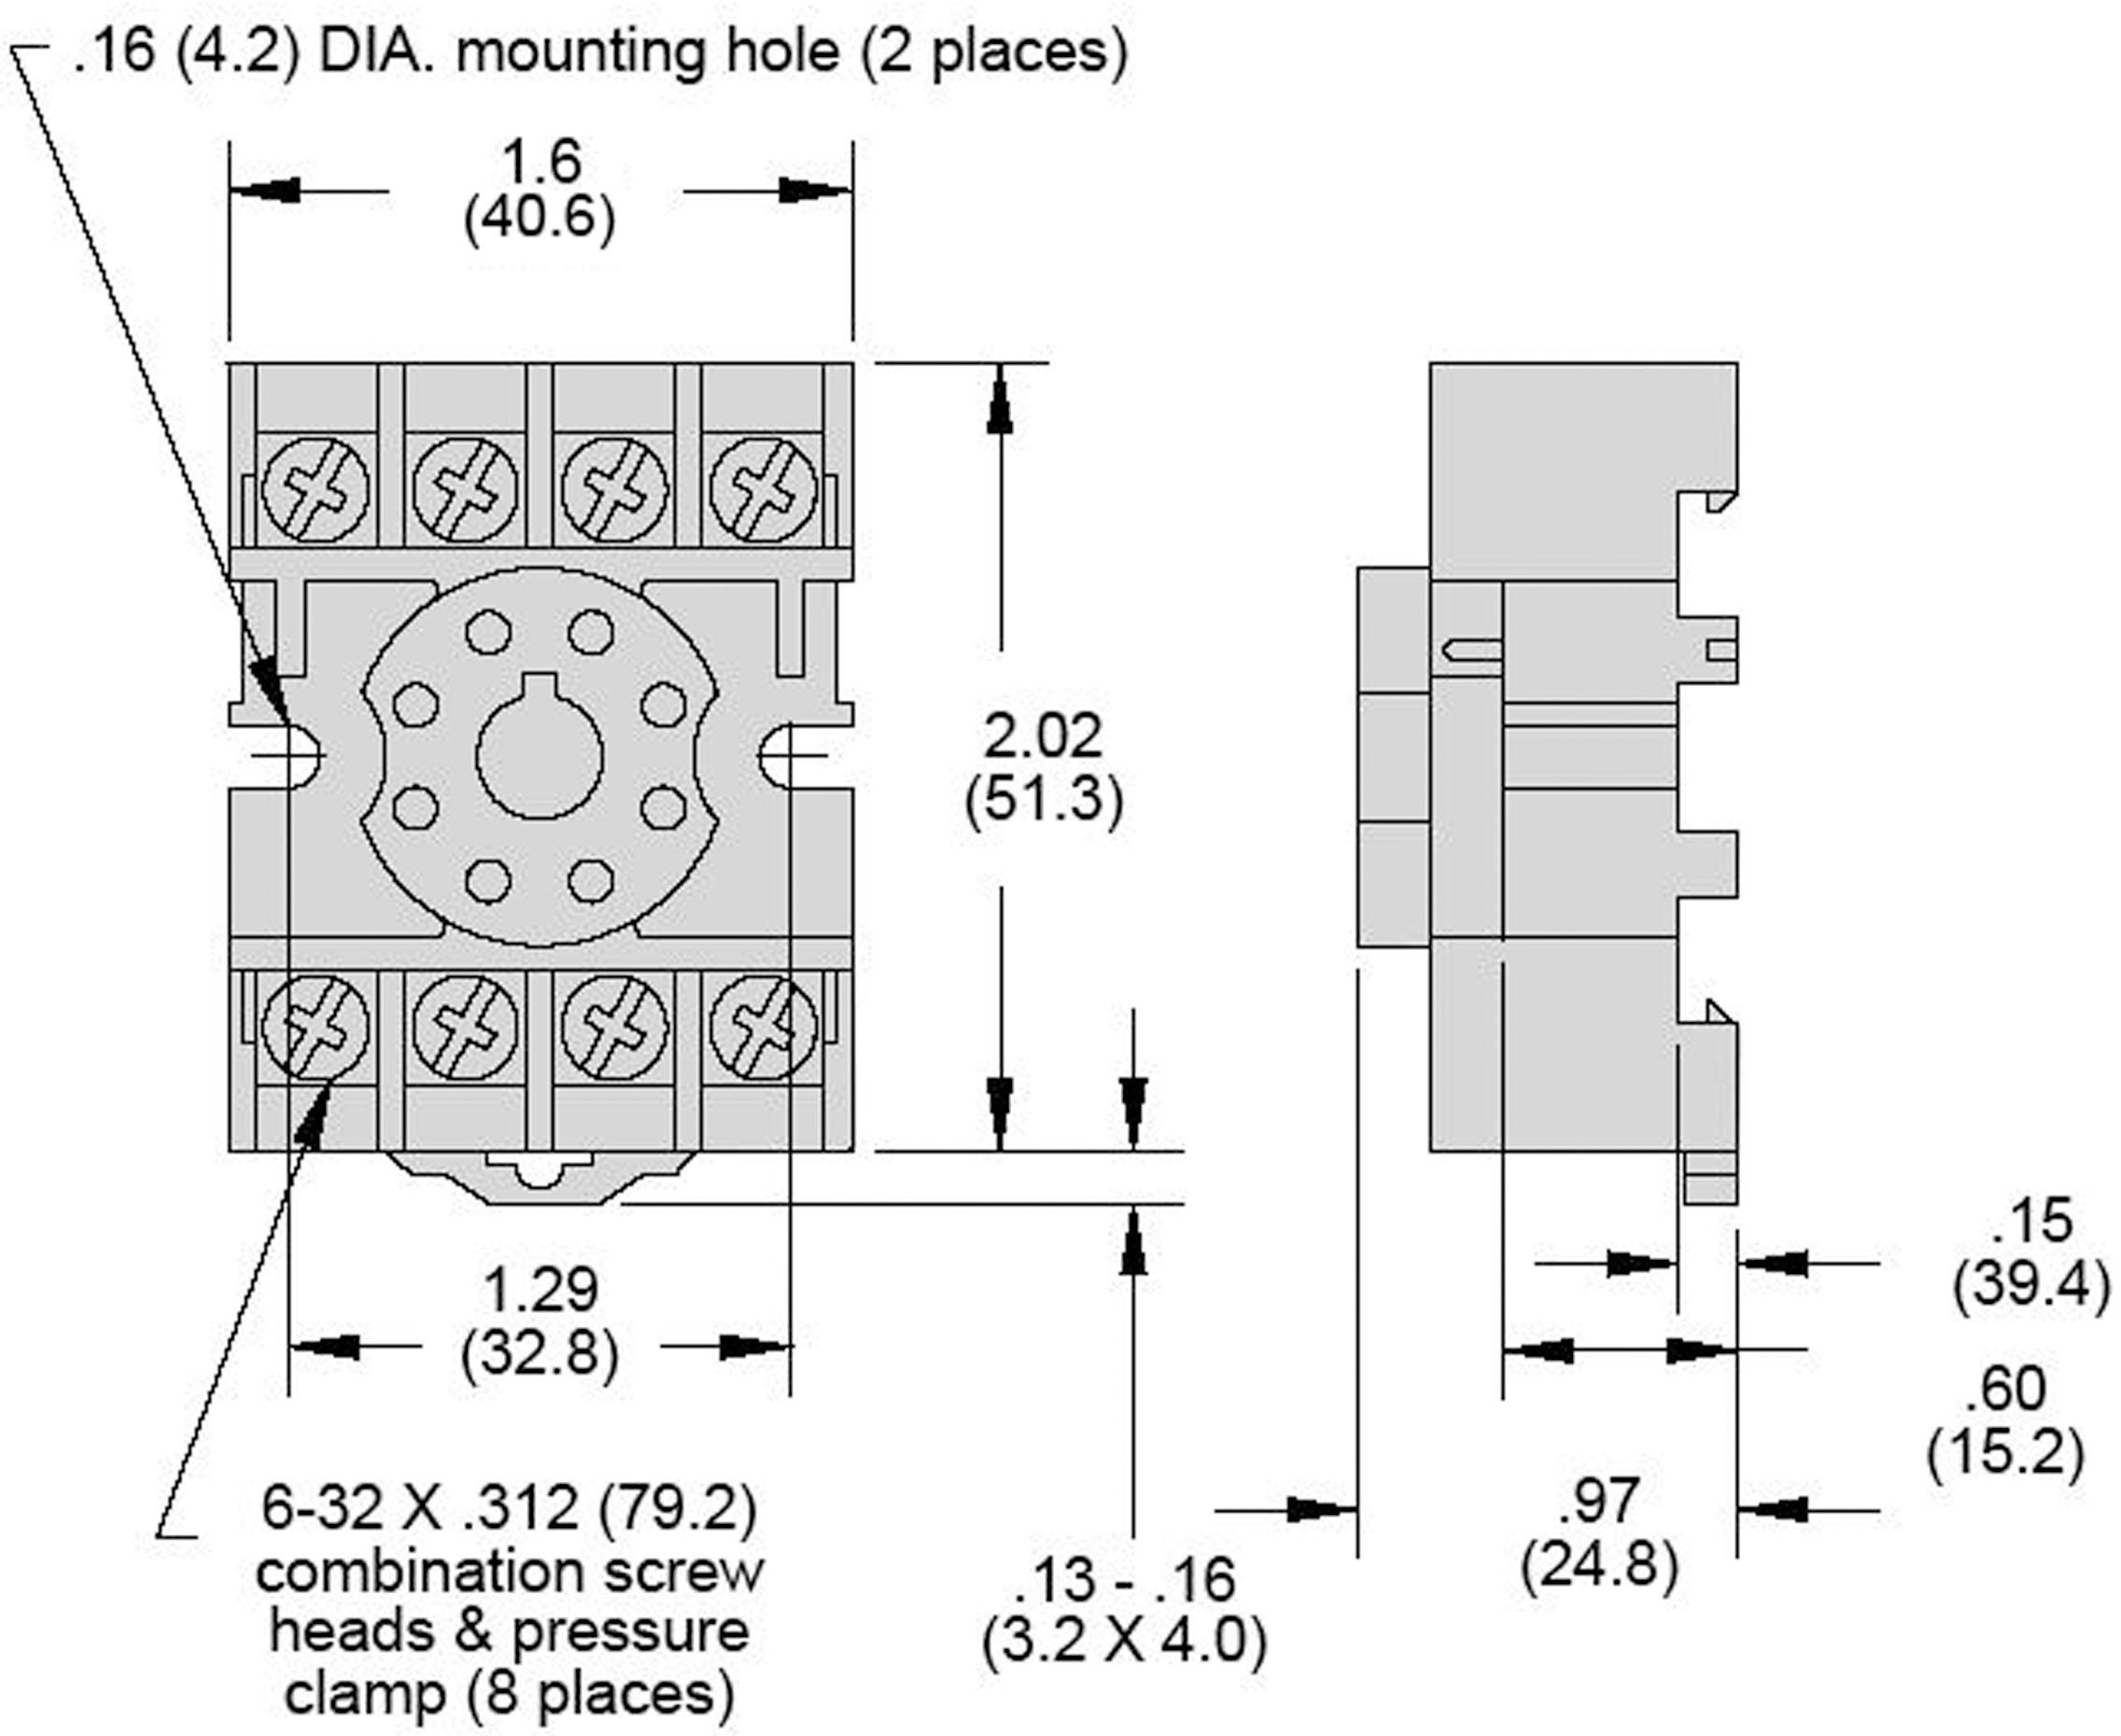 8 pin relay ladder diagram wiring diagram 15 Pin Relay Wiring Diagram 12v relay diagram wiring diagram